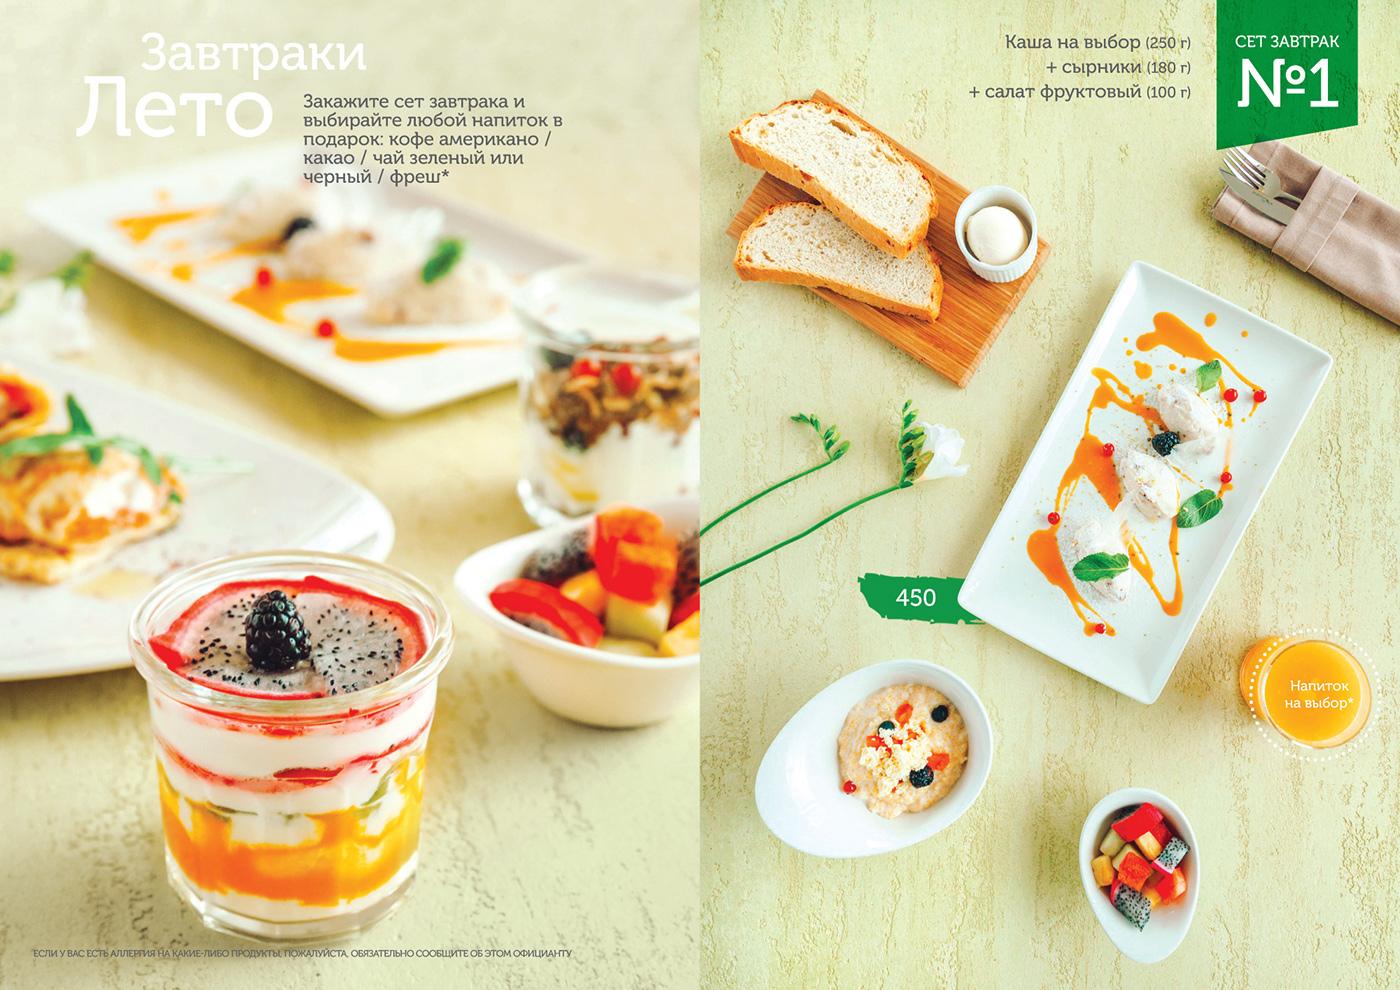 有獨特感的29張菜單設計範本欣賞